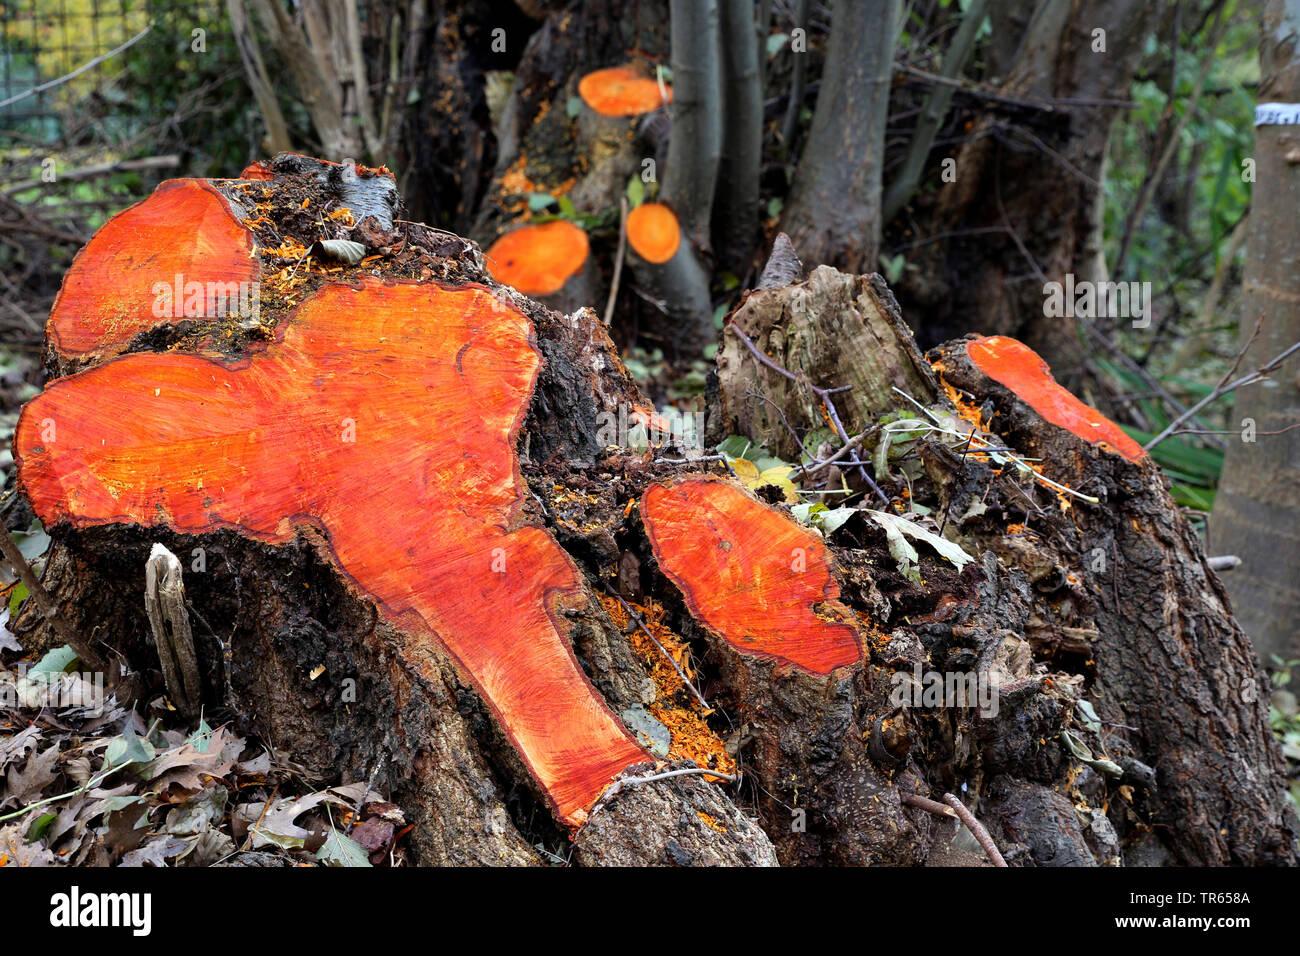 Schwarzerle, Schwarz-Erle, Schwarze Erle (Alnus glutinosa), Baumstuempfe von Erlen, nach dem Faellen orange verfaerbt, Deutschland, Nordrhein-Westfale - Stock Image